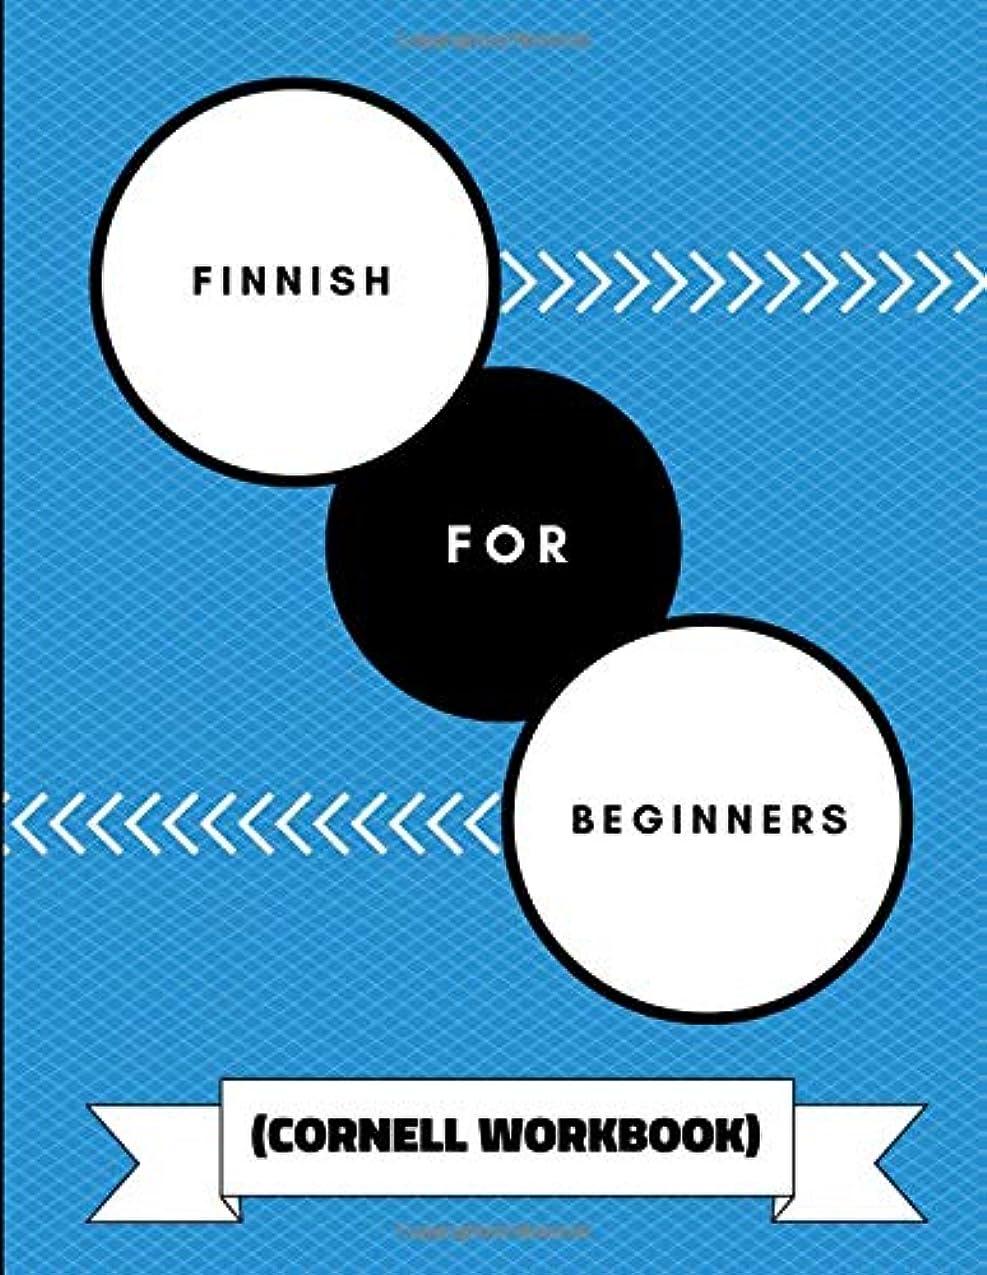 出力コンテンツカーペットFinnish For Beginners (Cornell Workbook): An Adaptable Journal To Practice Learning Finnish Grammar, Alphabet, Verbs and Translations